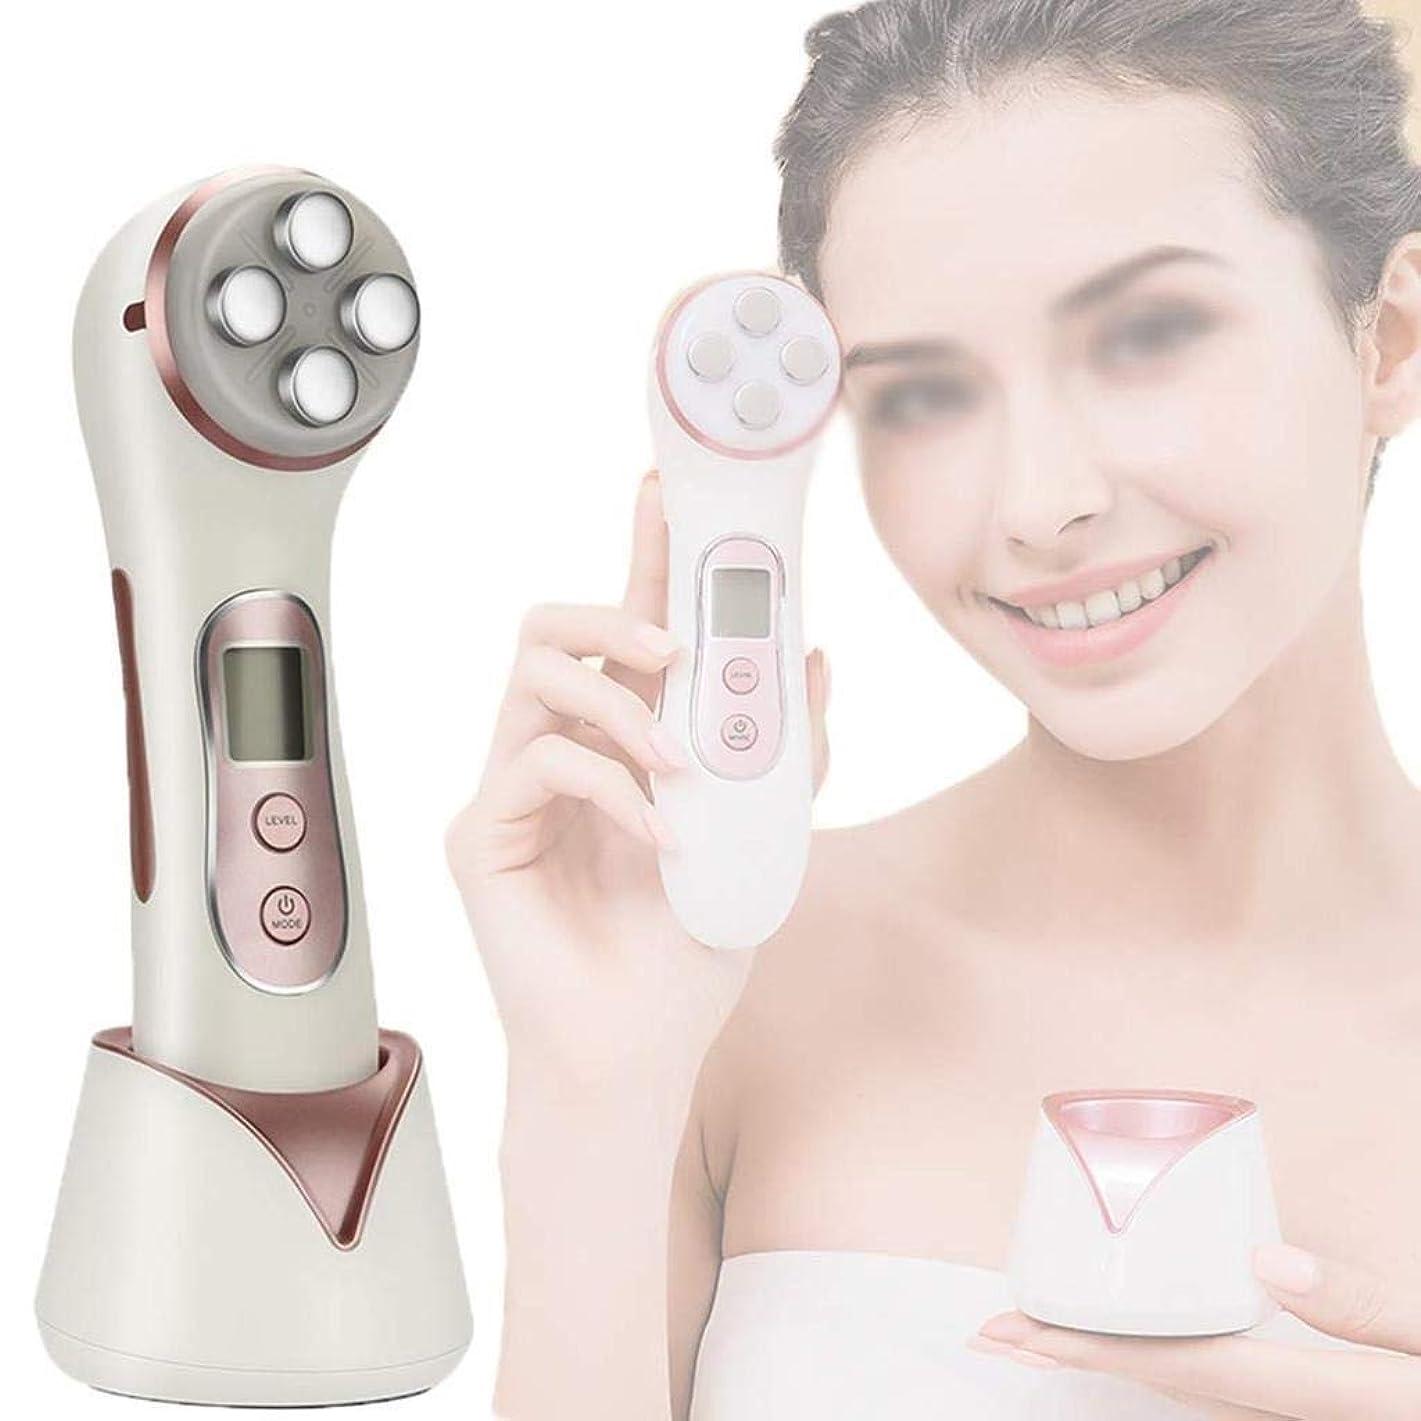 決定親会話型皮のきつく締まる機械、1つのRF EMS LEDライト療法のしわに付き顔の持ち上がるボディ形削り盤機械6つは反老化のアクネの美装置を取除きます